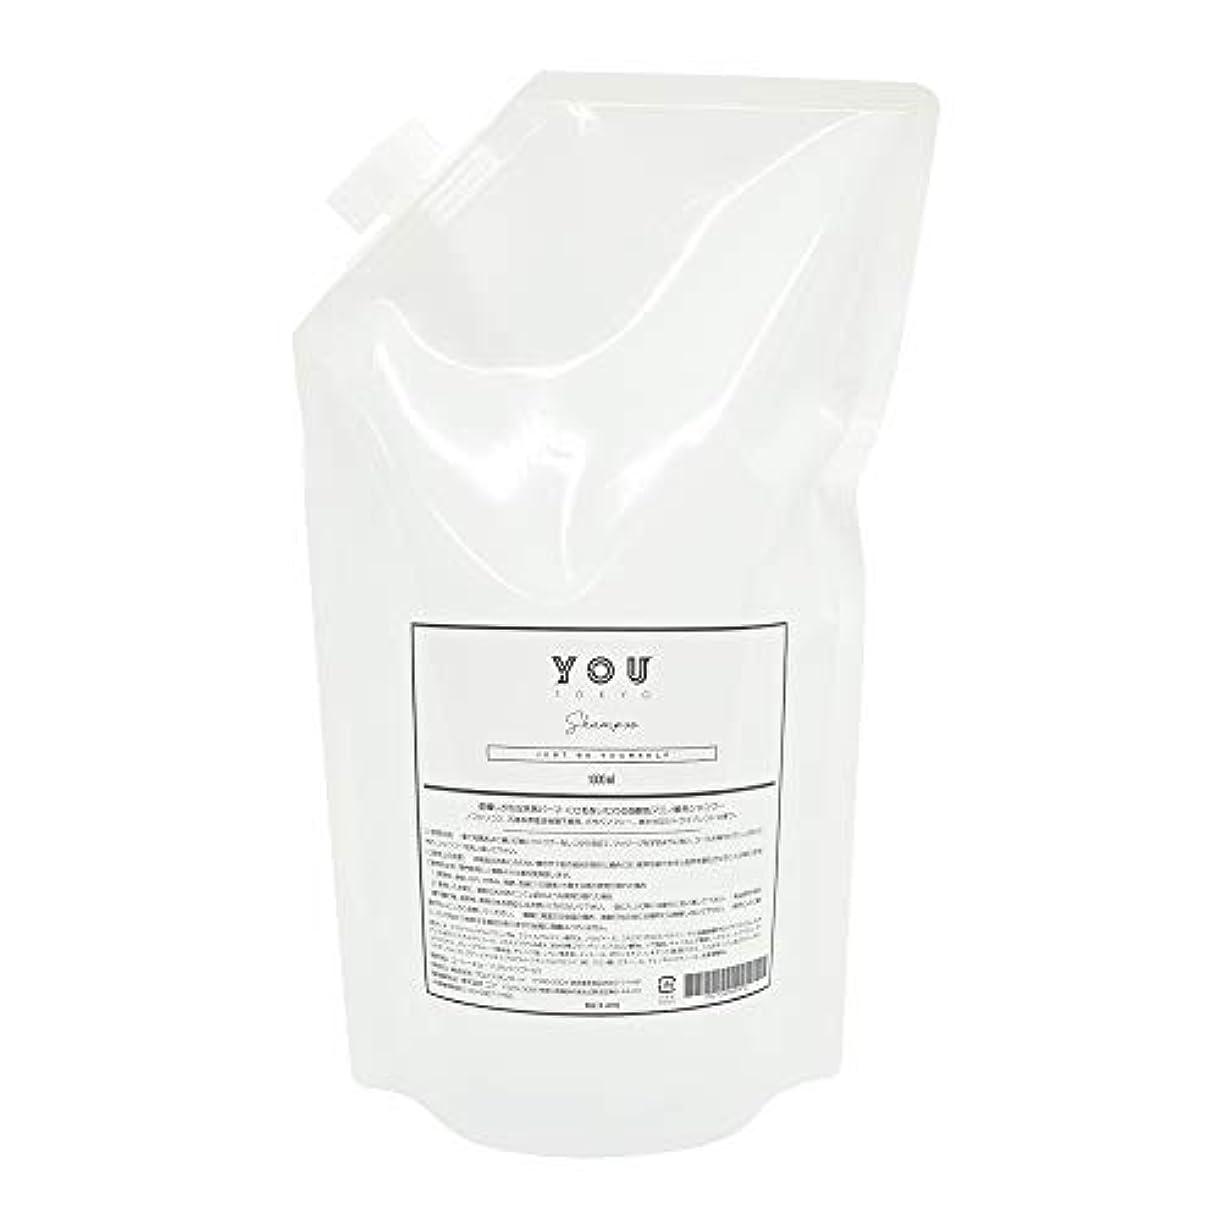 捕虜乳剤科学者YOUTOKYO(ユートーキョー)チリ毛 シャンプー トリートメント アミノ酸 洗浄 肌に潤い 保湿 (シャンプー パウチ 1000ml)